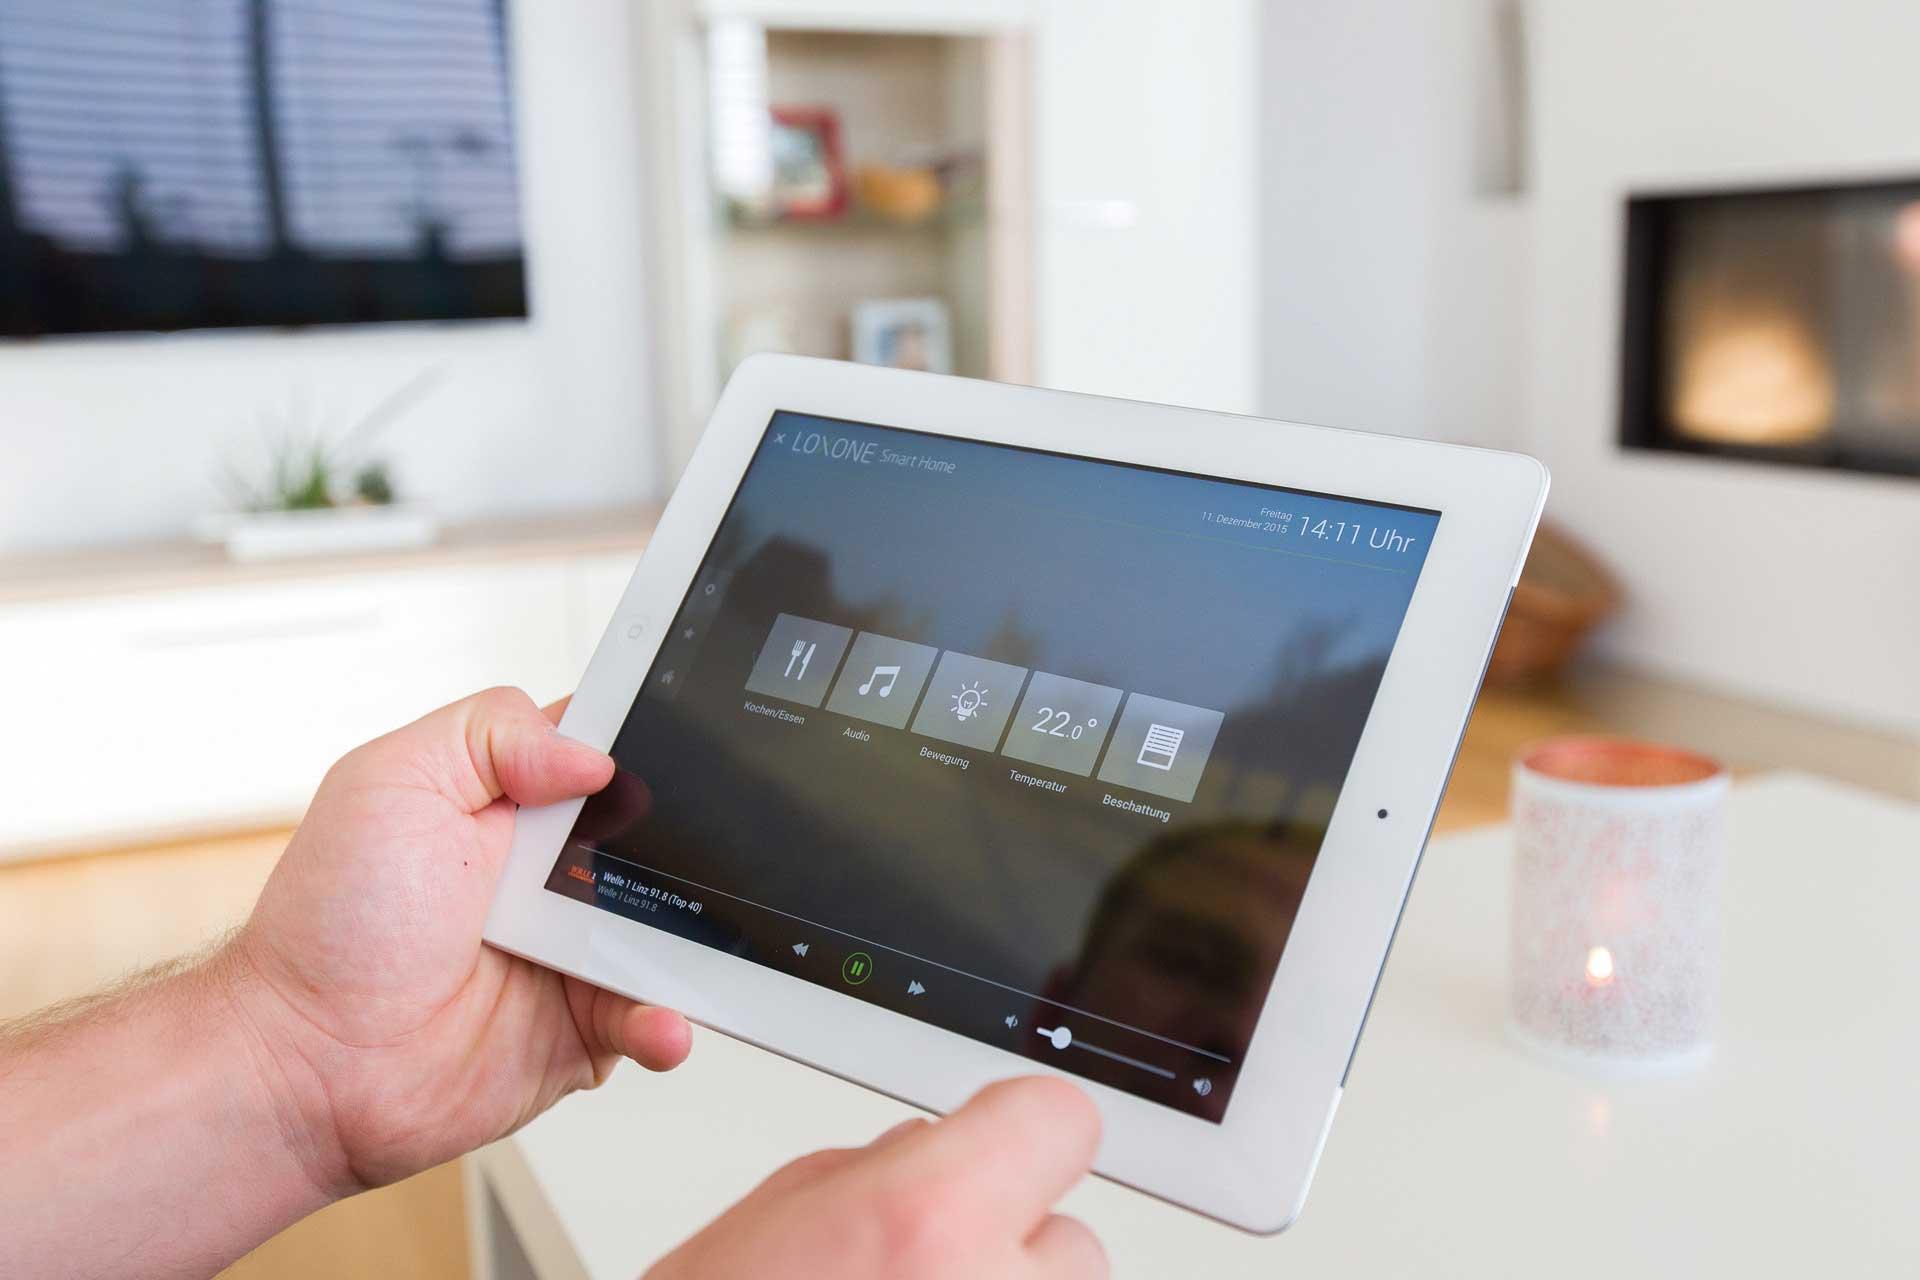 app 2 - Smart Home